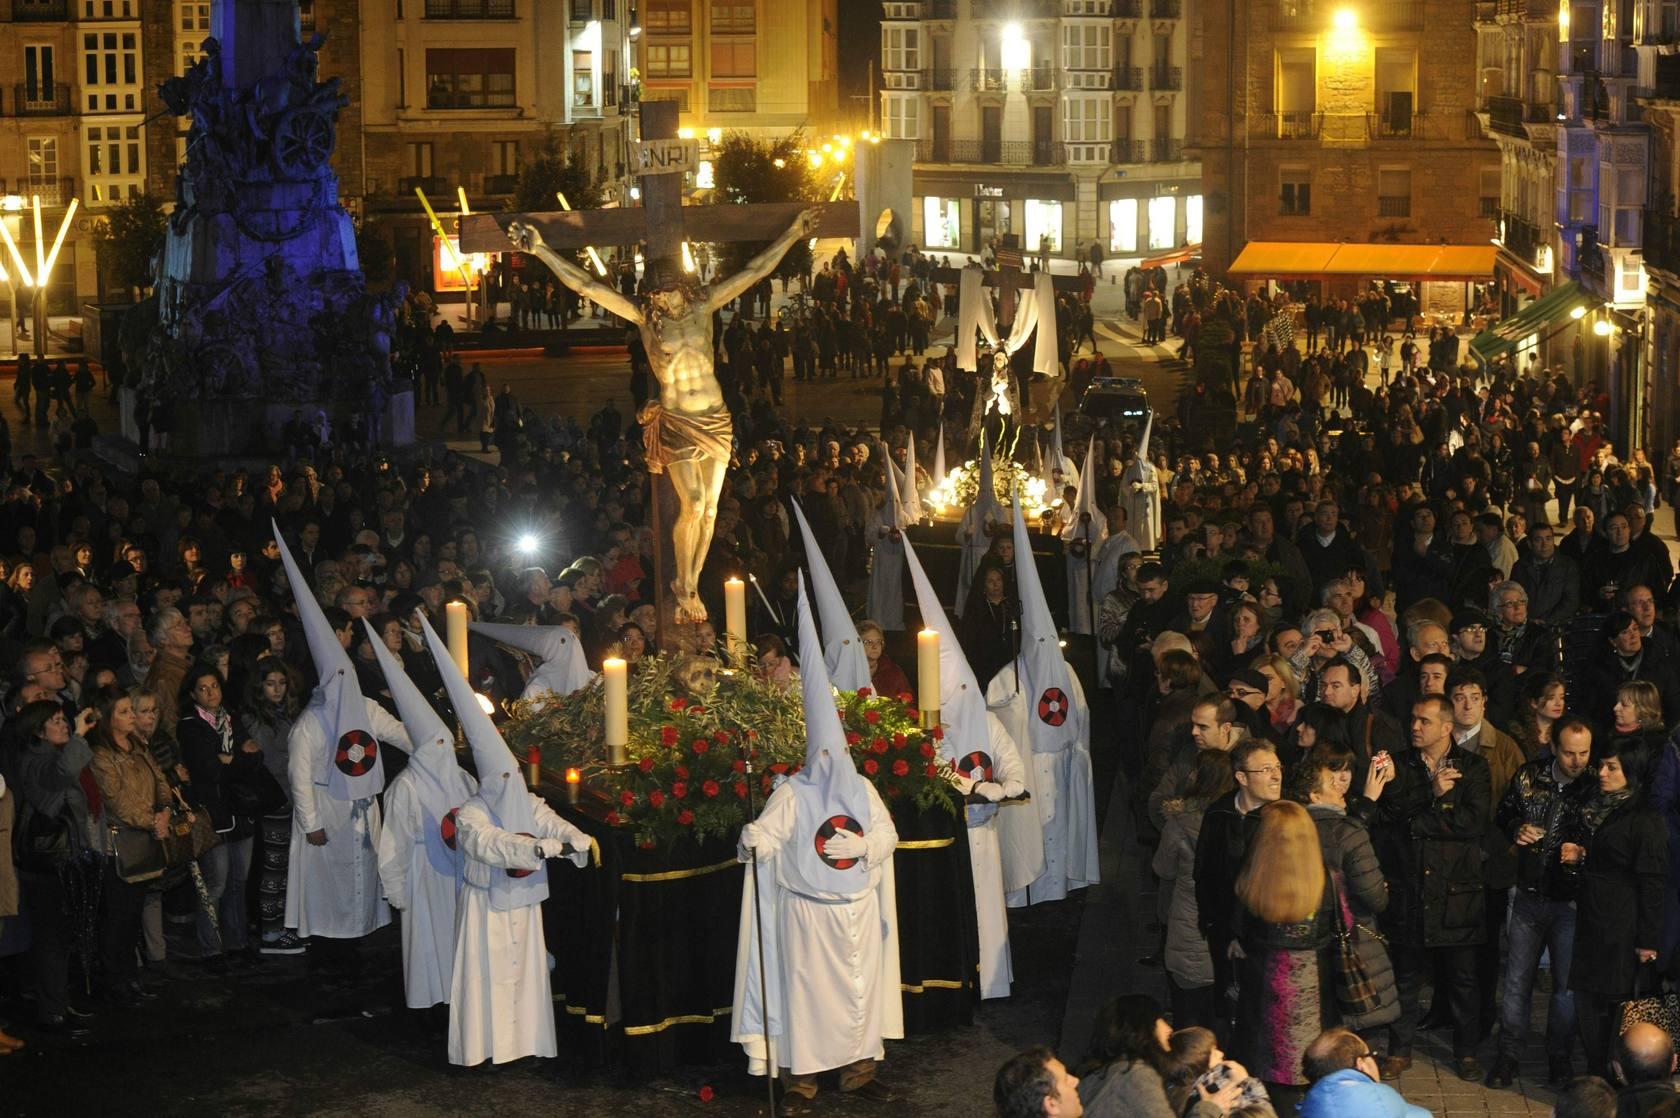 La procesión del silencio resuena en Vitoria